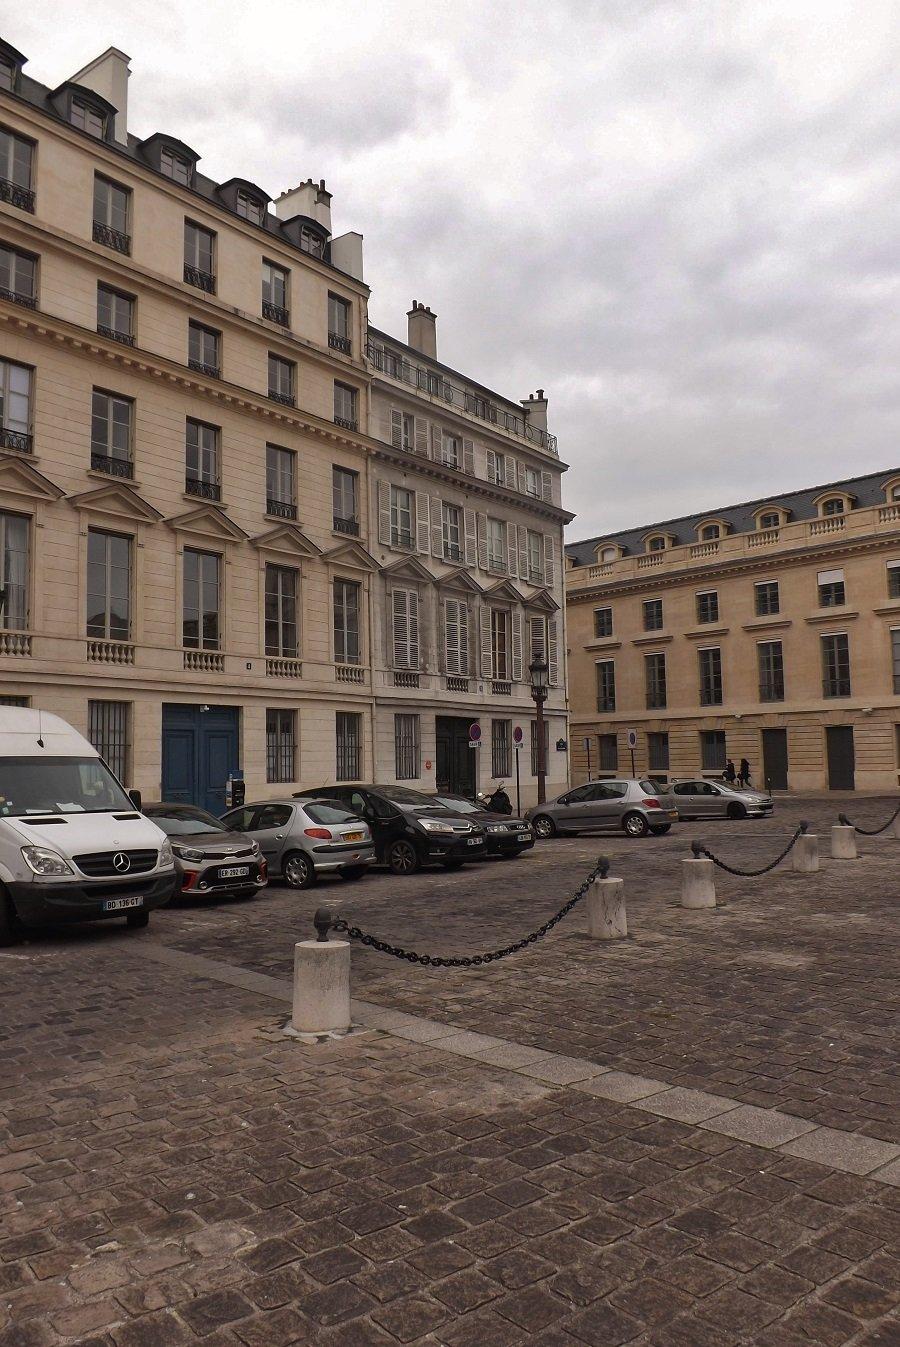 immeubles place palais bourbon